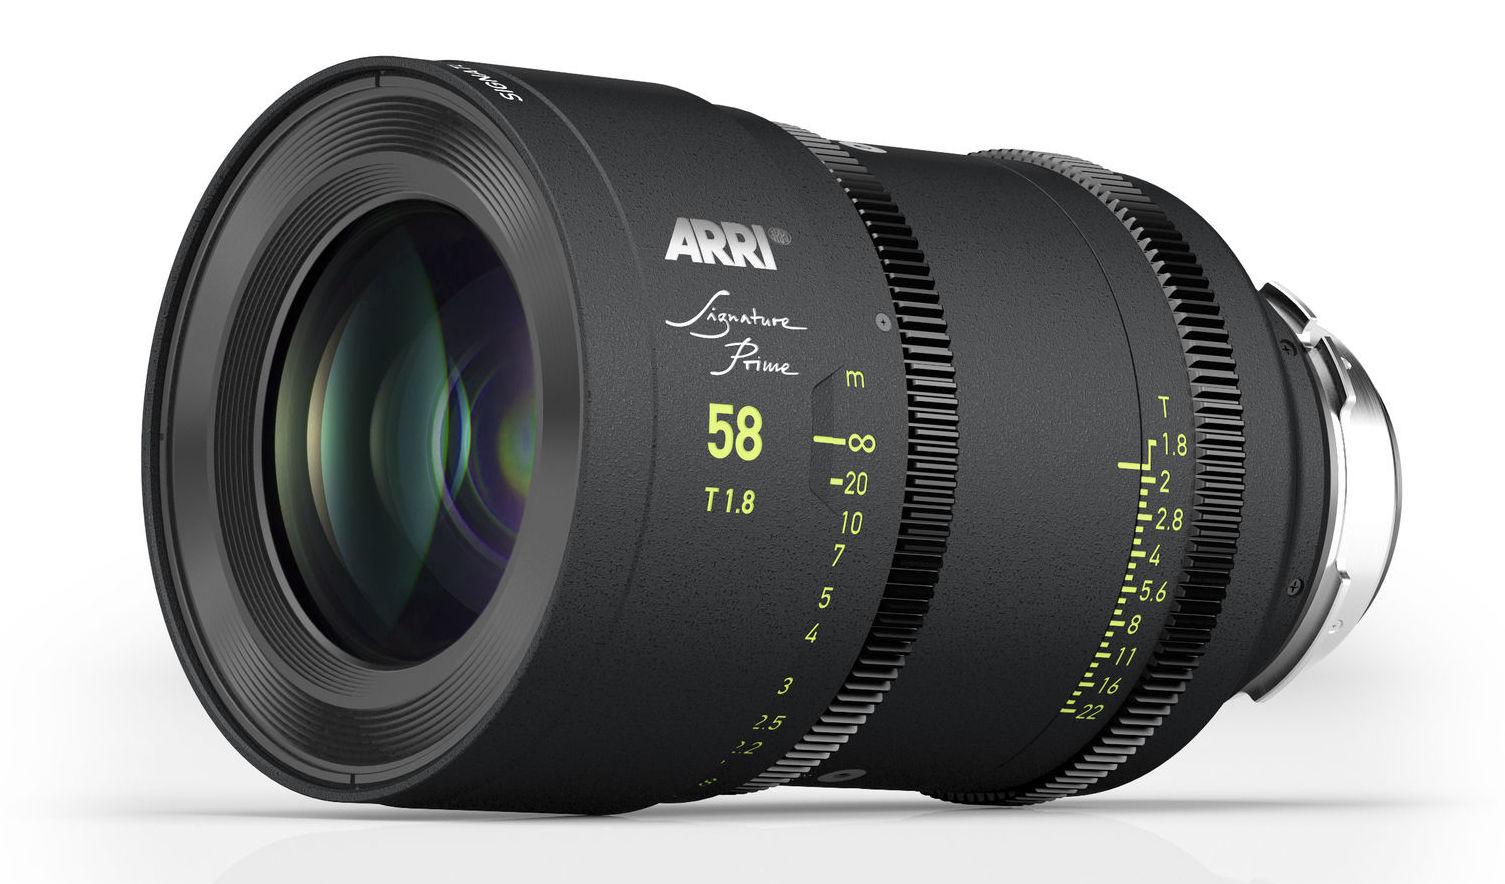 Arri Signature Prime lens 58mm